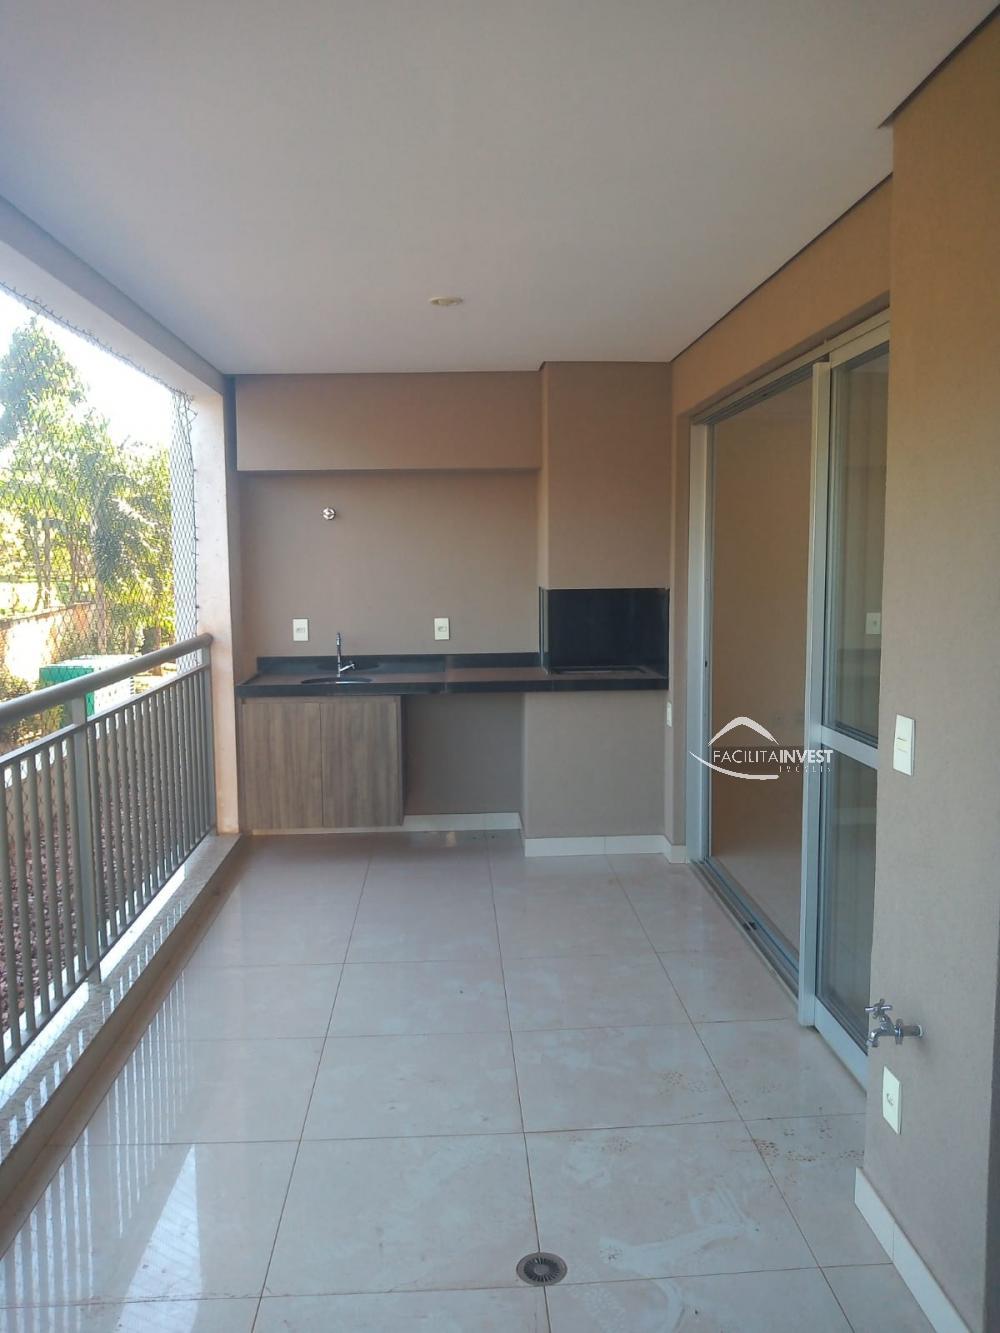 Alugar Apartamentos / Apart. Padrão em Ribeirão Preto R$ 3.500,00 - Foto 2